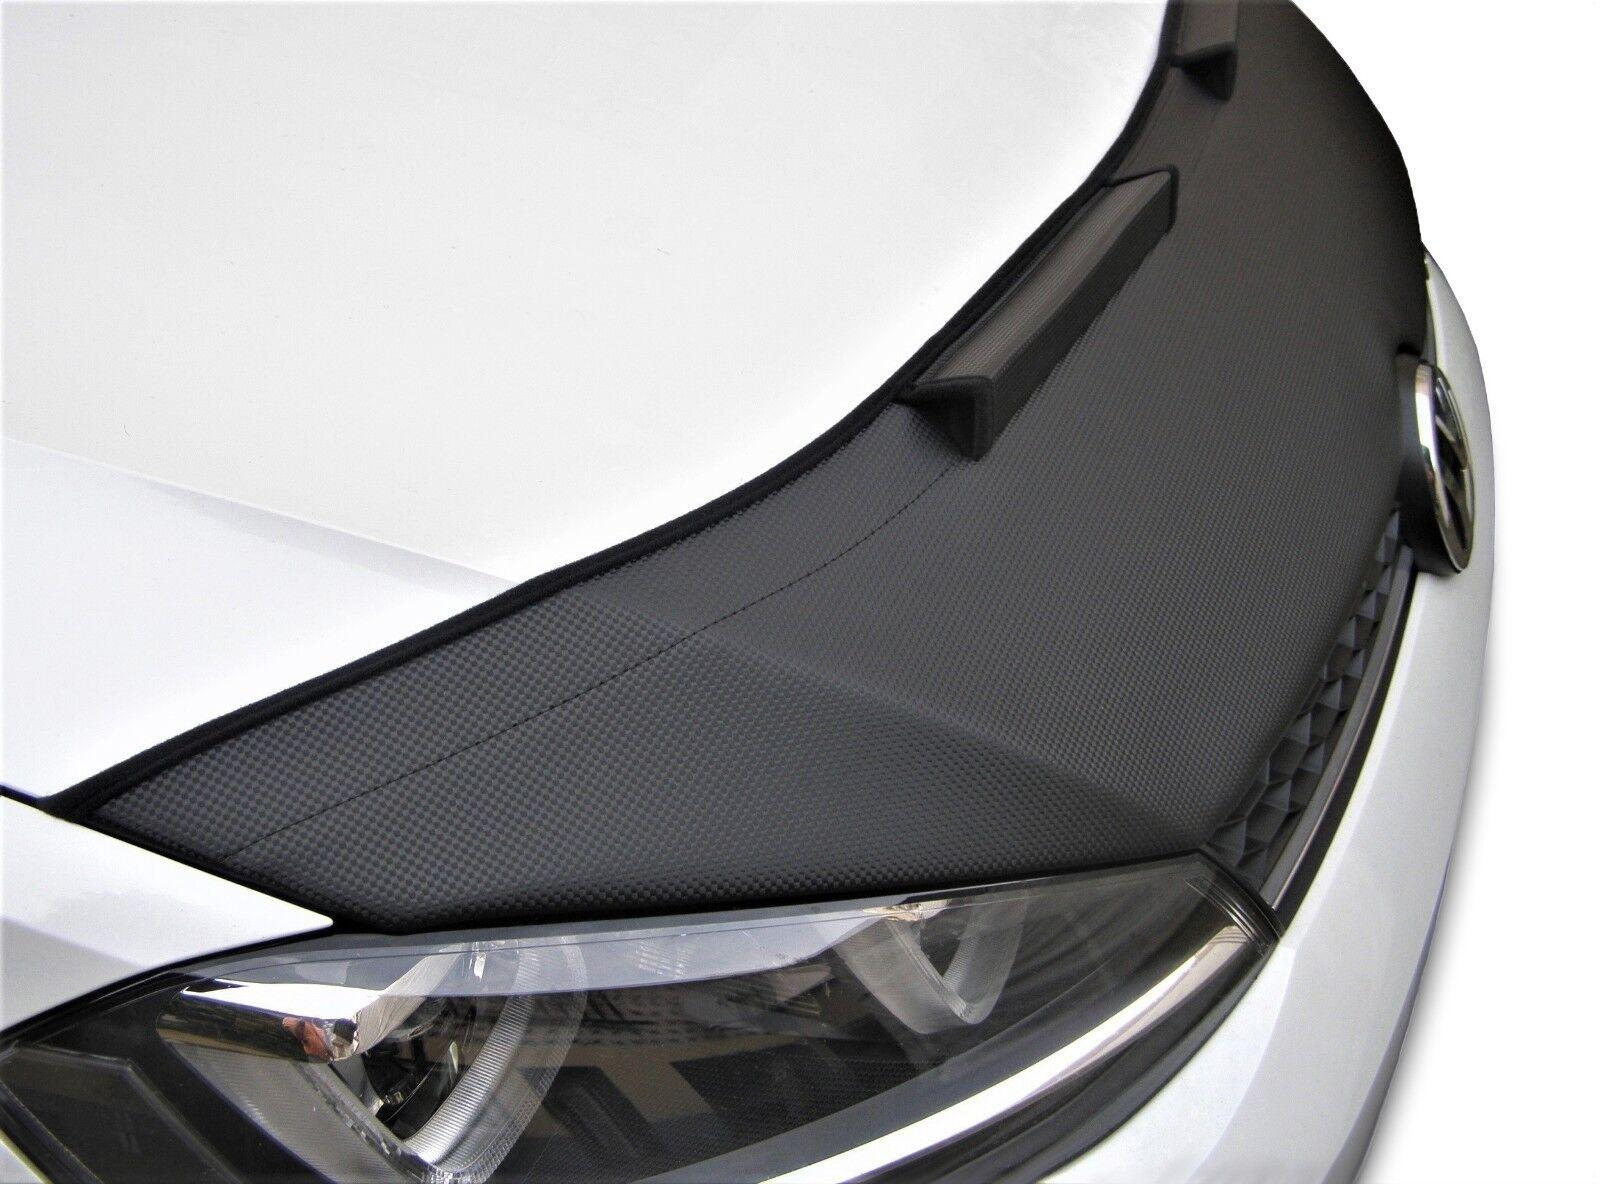 skibox NERO VDP juxt 600/litri con serratura alluminio del Parapetto aufliegende Portapacchi Set Alu Peugeot 5008/dal 2012/fino a 100/kg